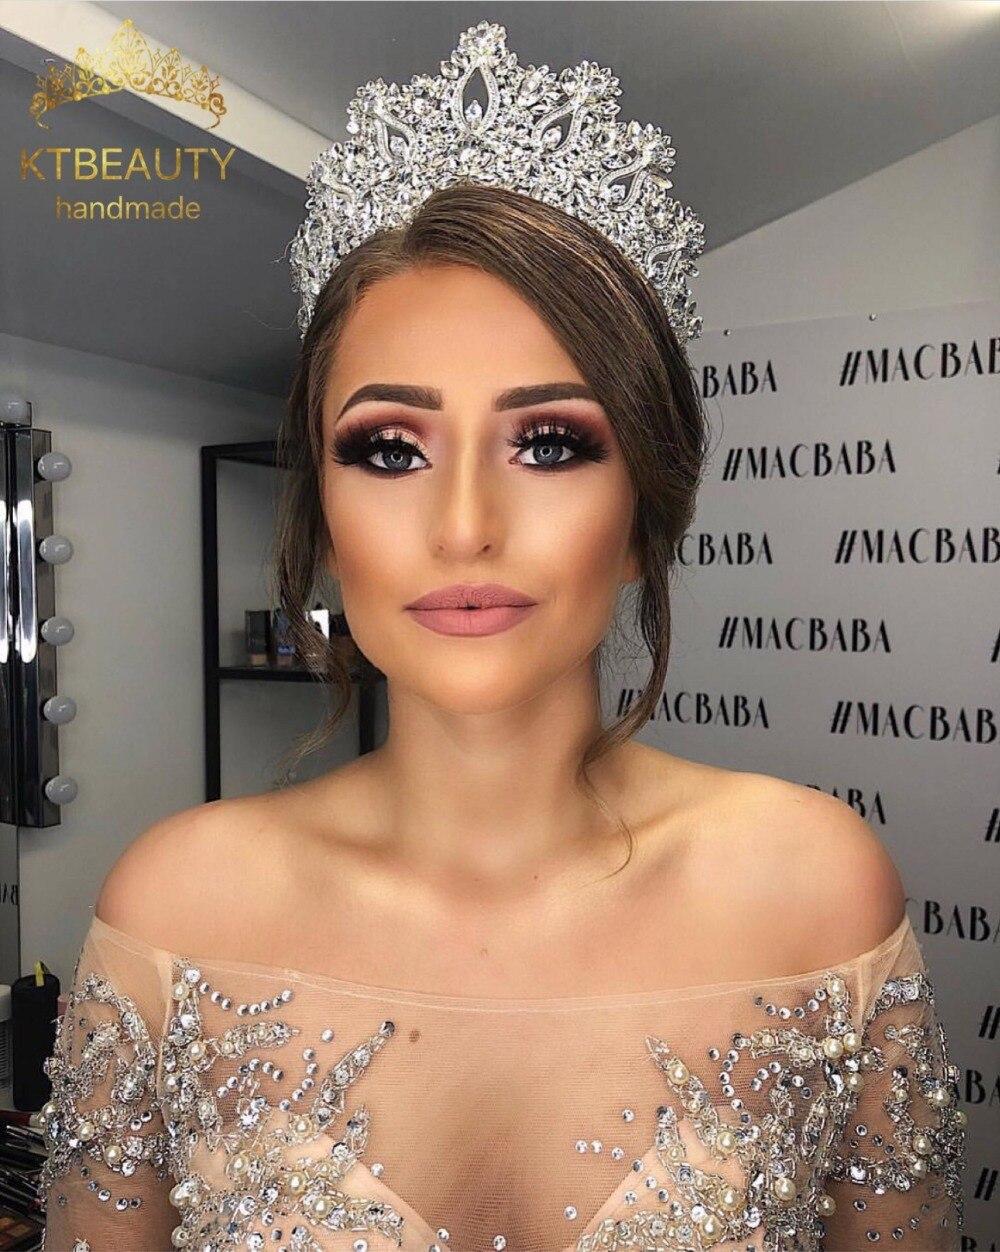 DHL libre de Lujo + Zircon corona Tiara de plata/de oro más grande corona de diamantes de imitación real de la princesa de la Reina de la fiesta concurso corona las damas de honor